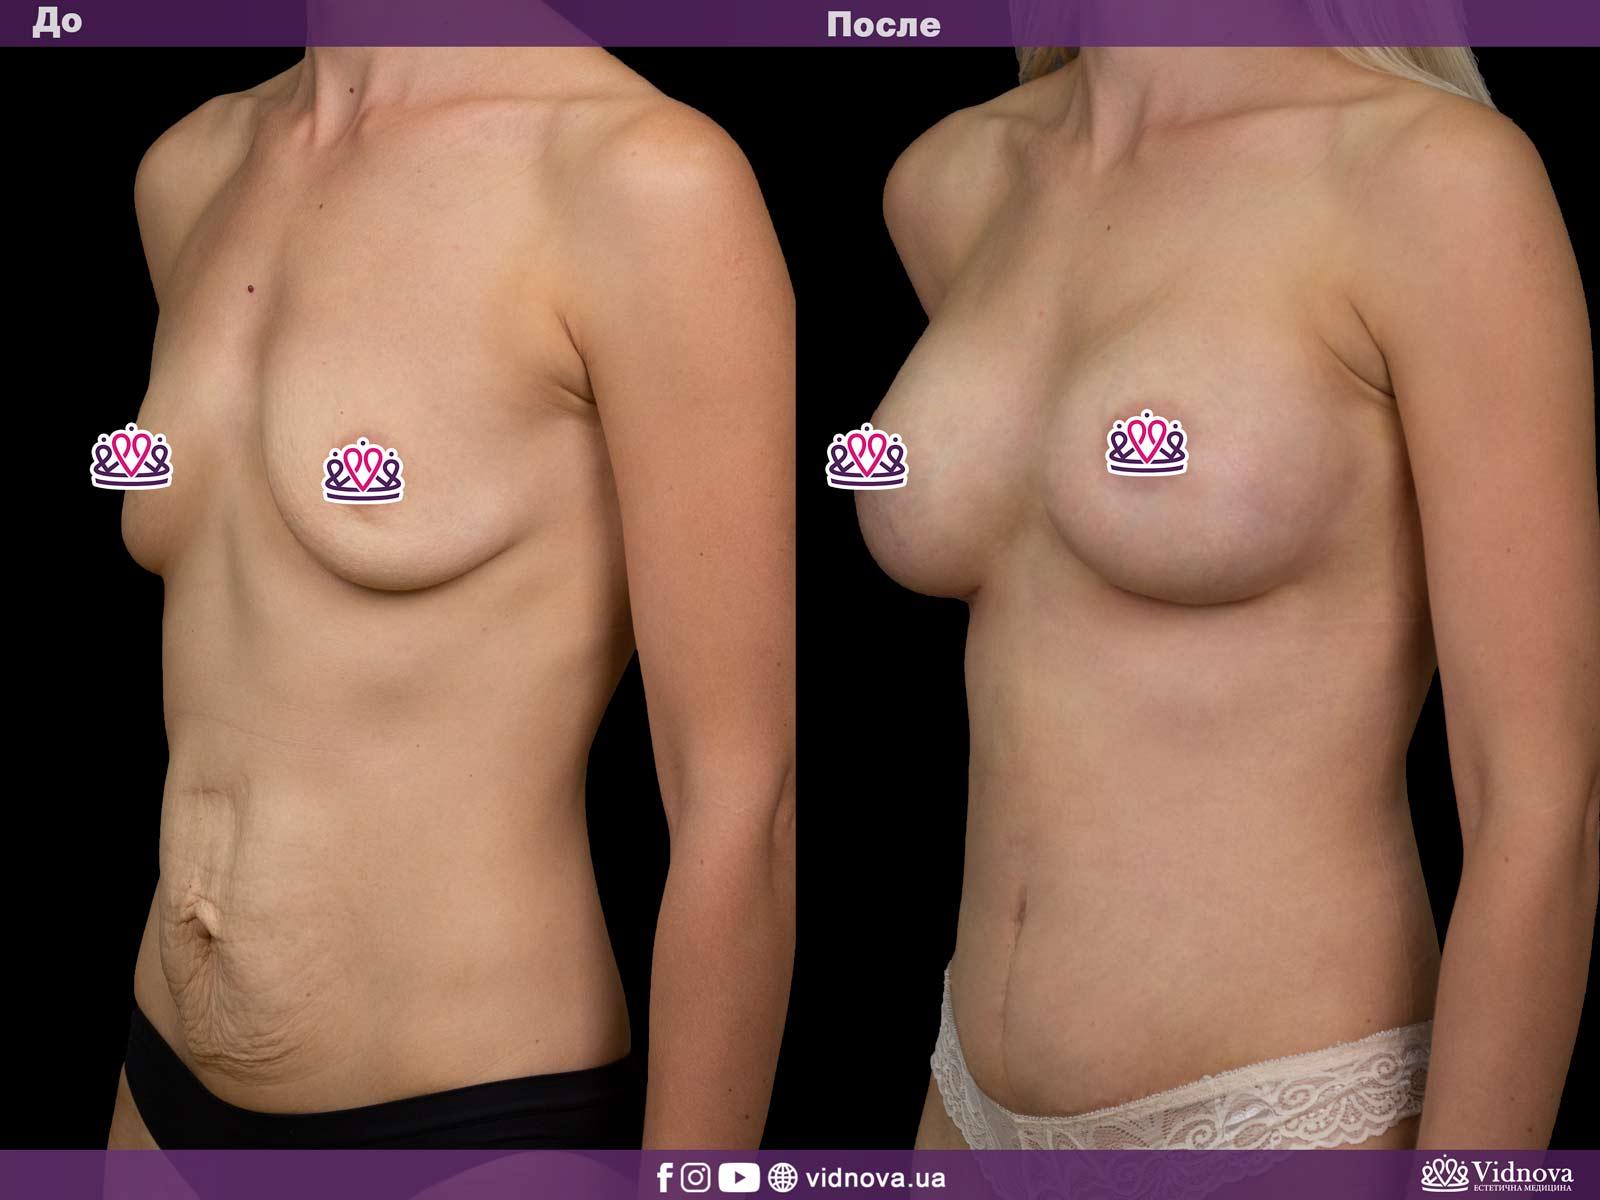 Совмещенные операции: Фото До и После - Пример №2-3 - Клиника Vidnova